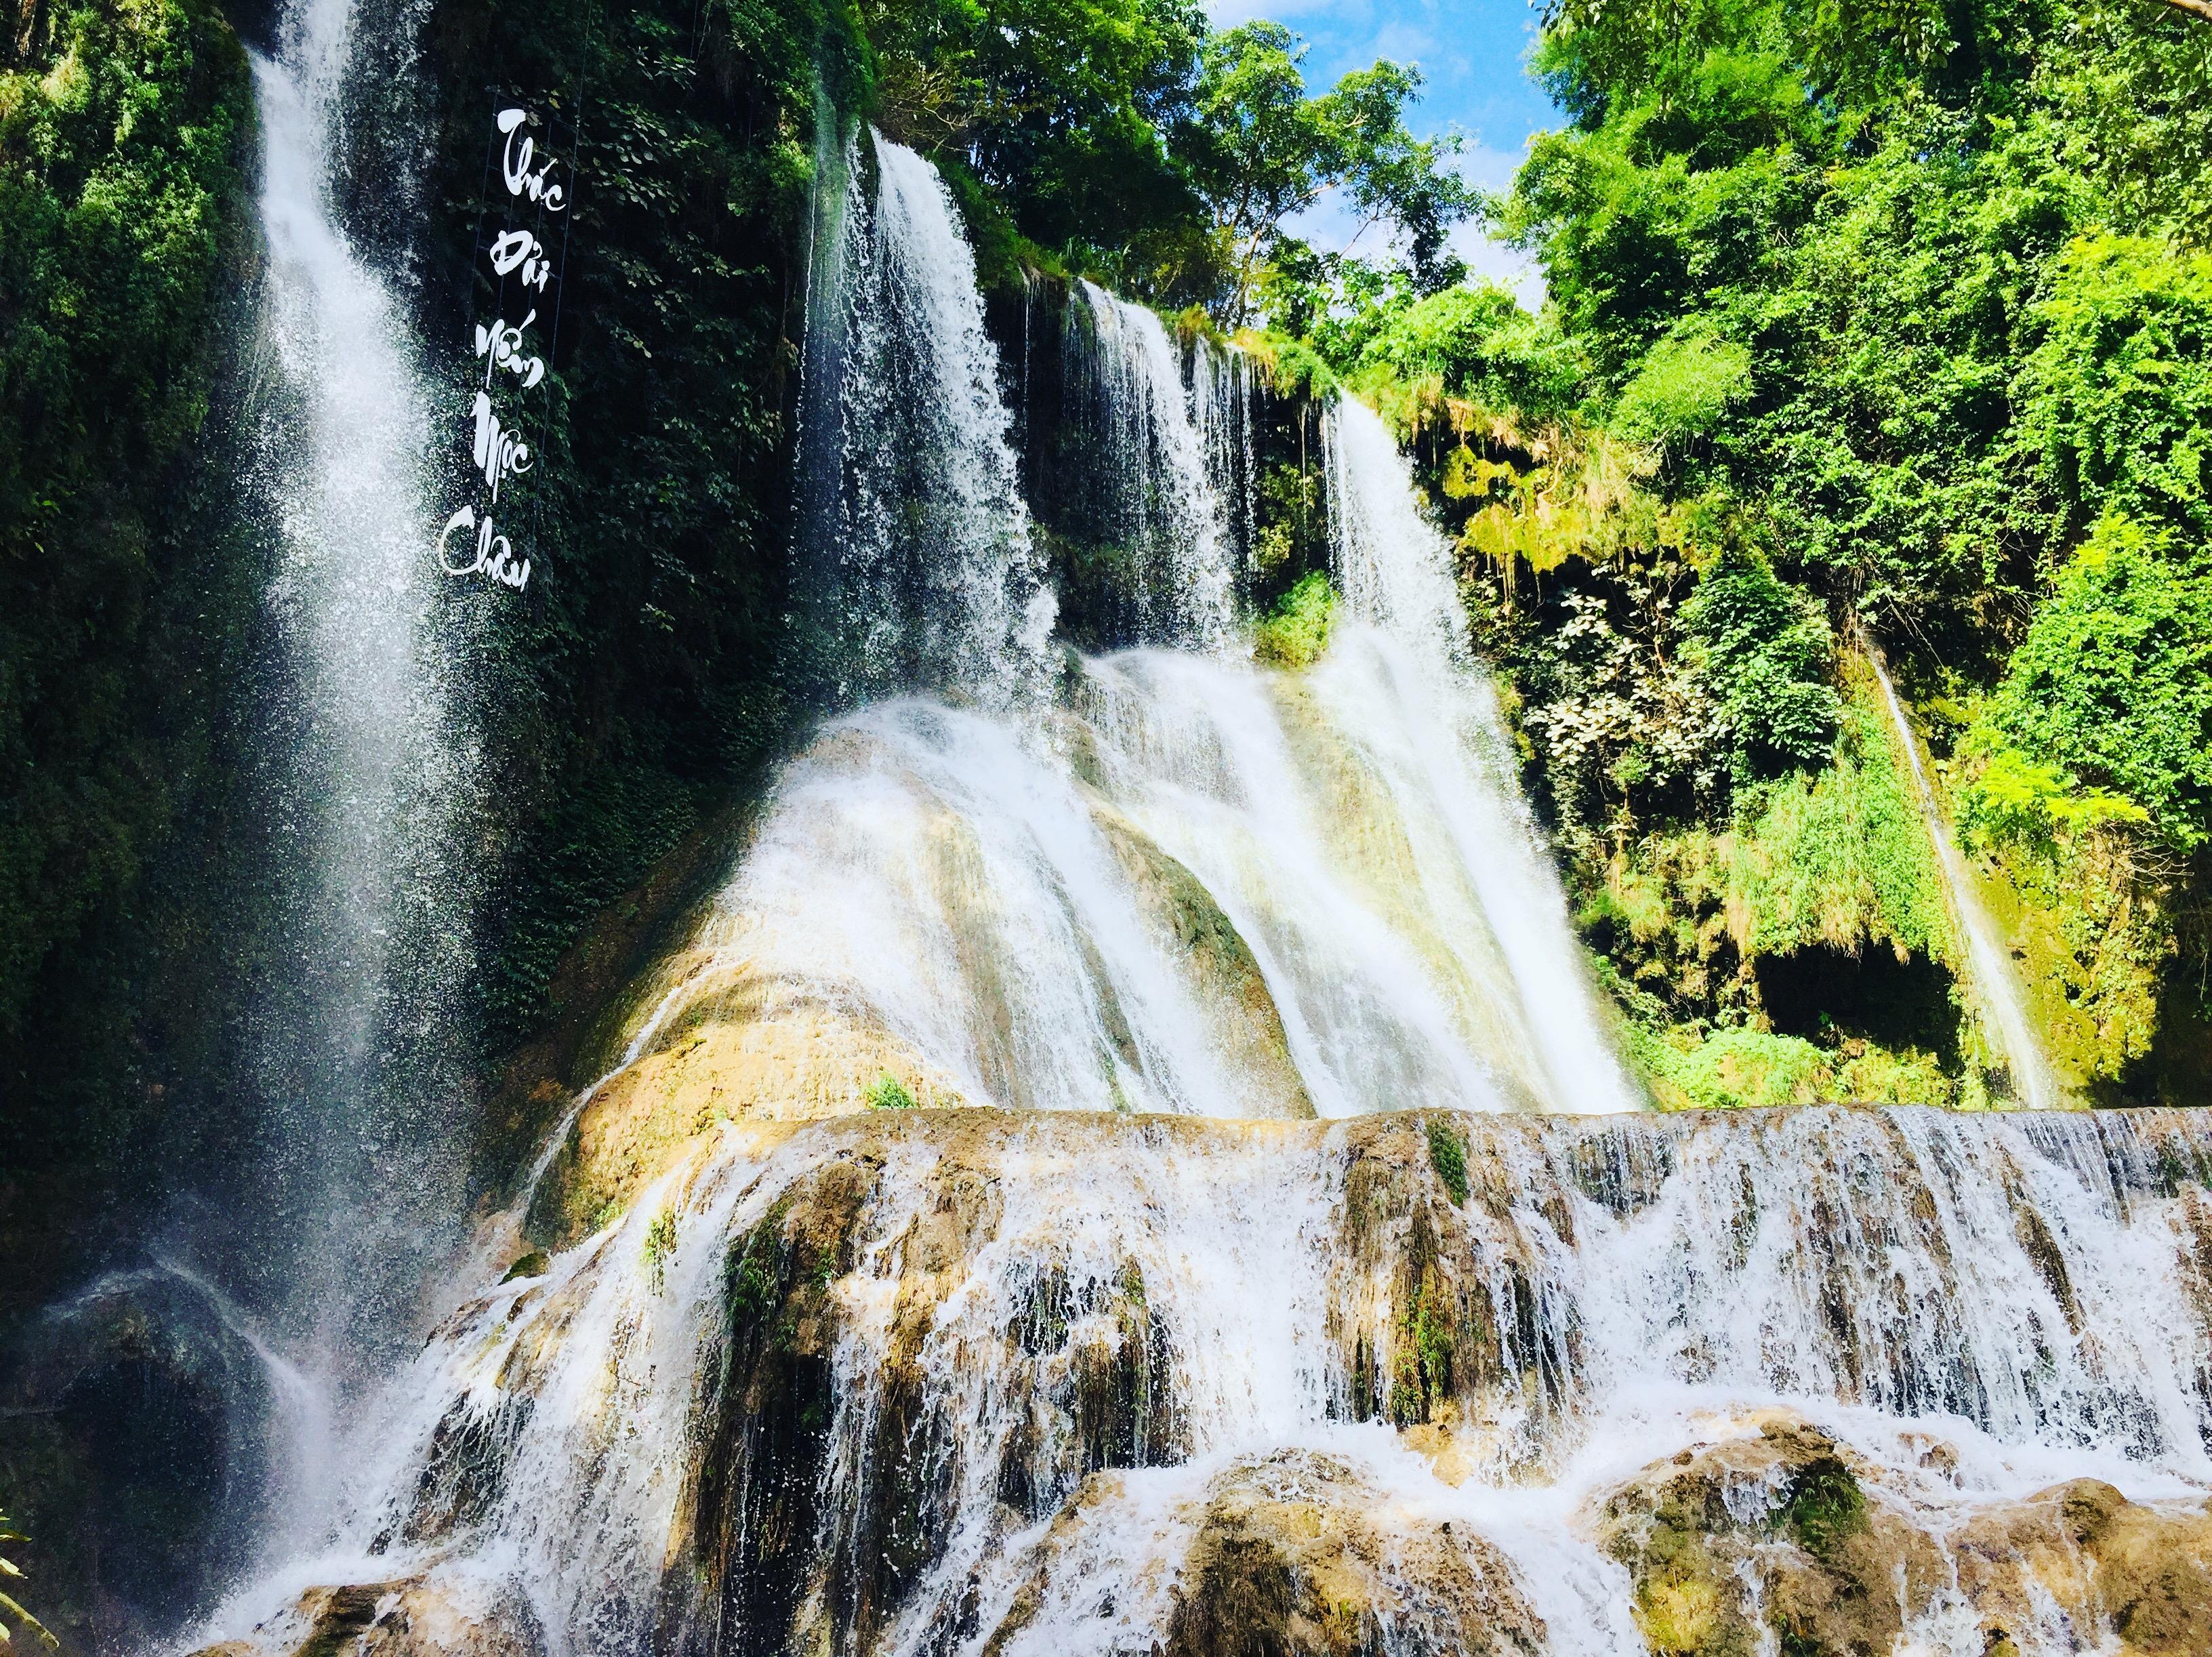 Mộc Châu mang nét đẹp tự nhiên của núi rừng